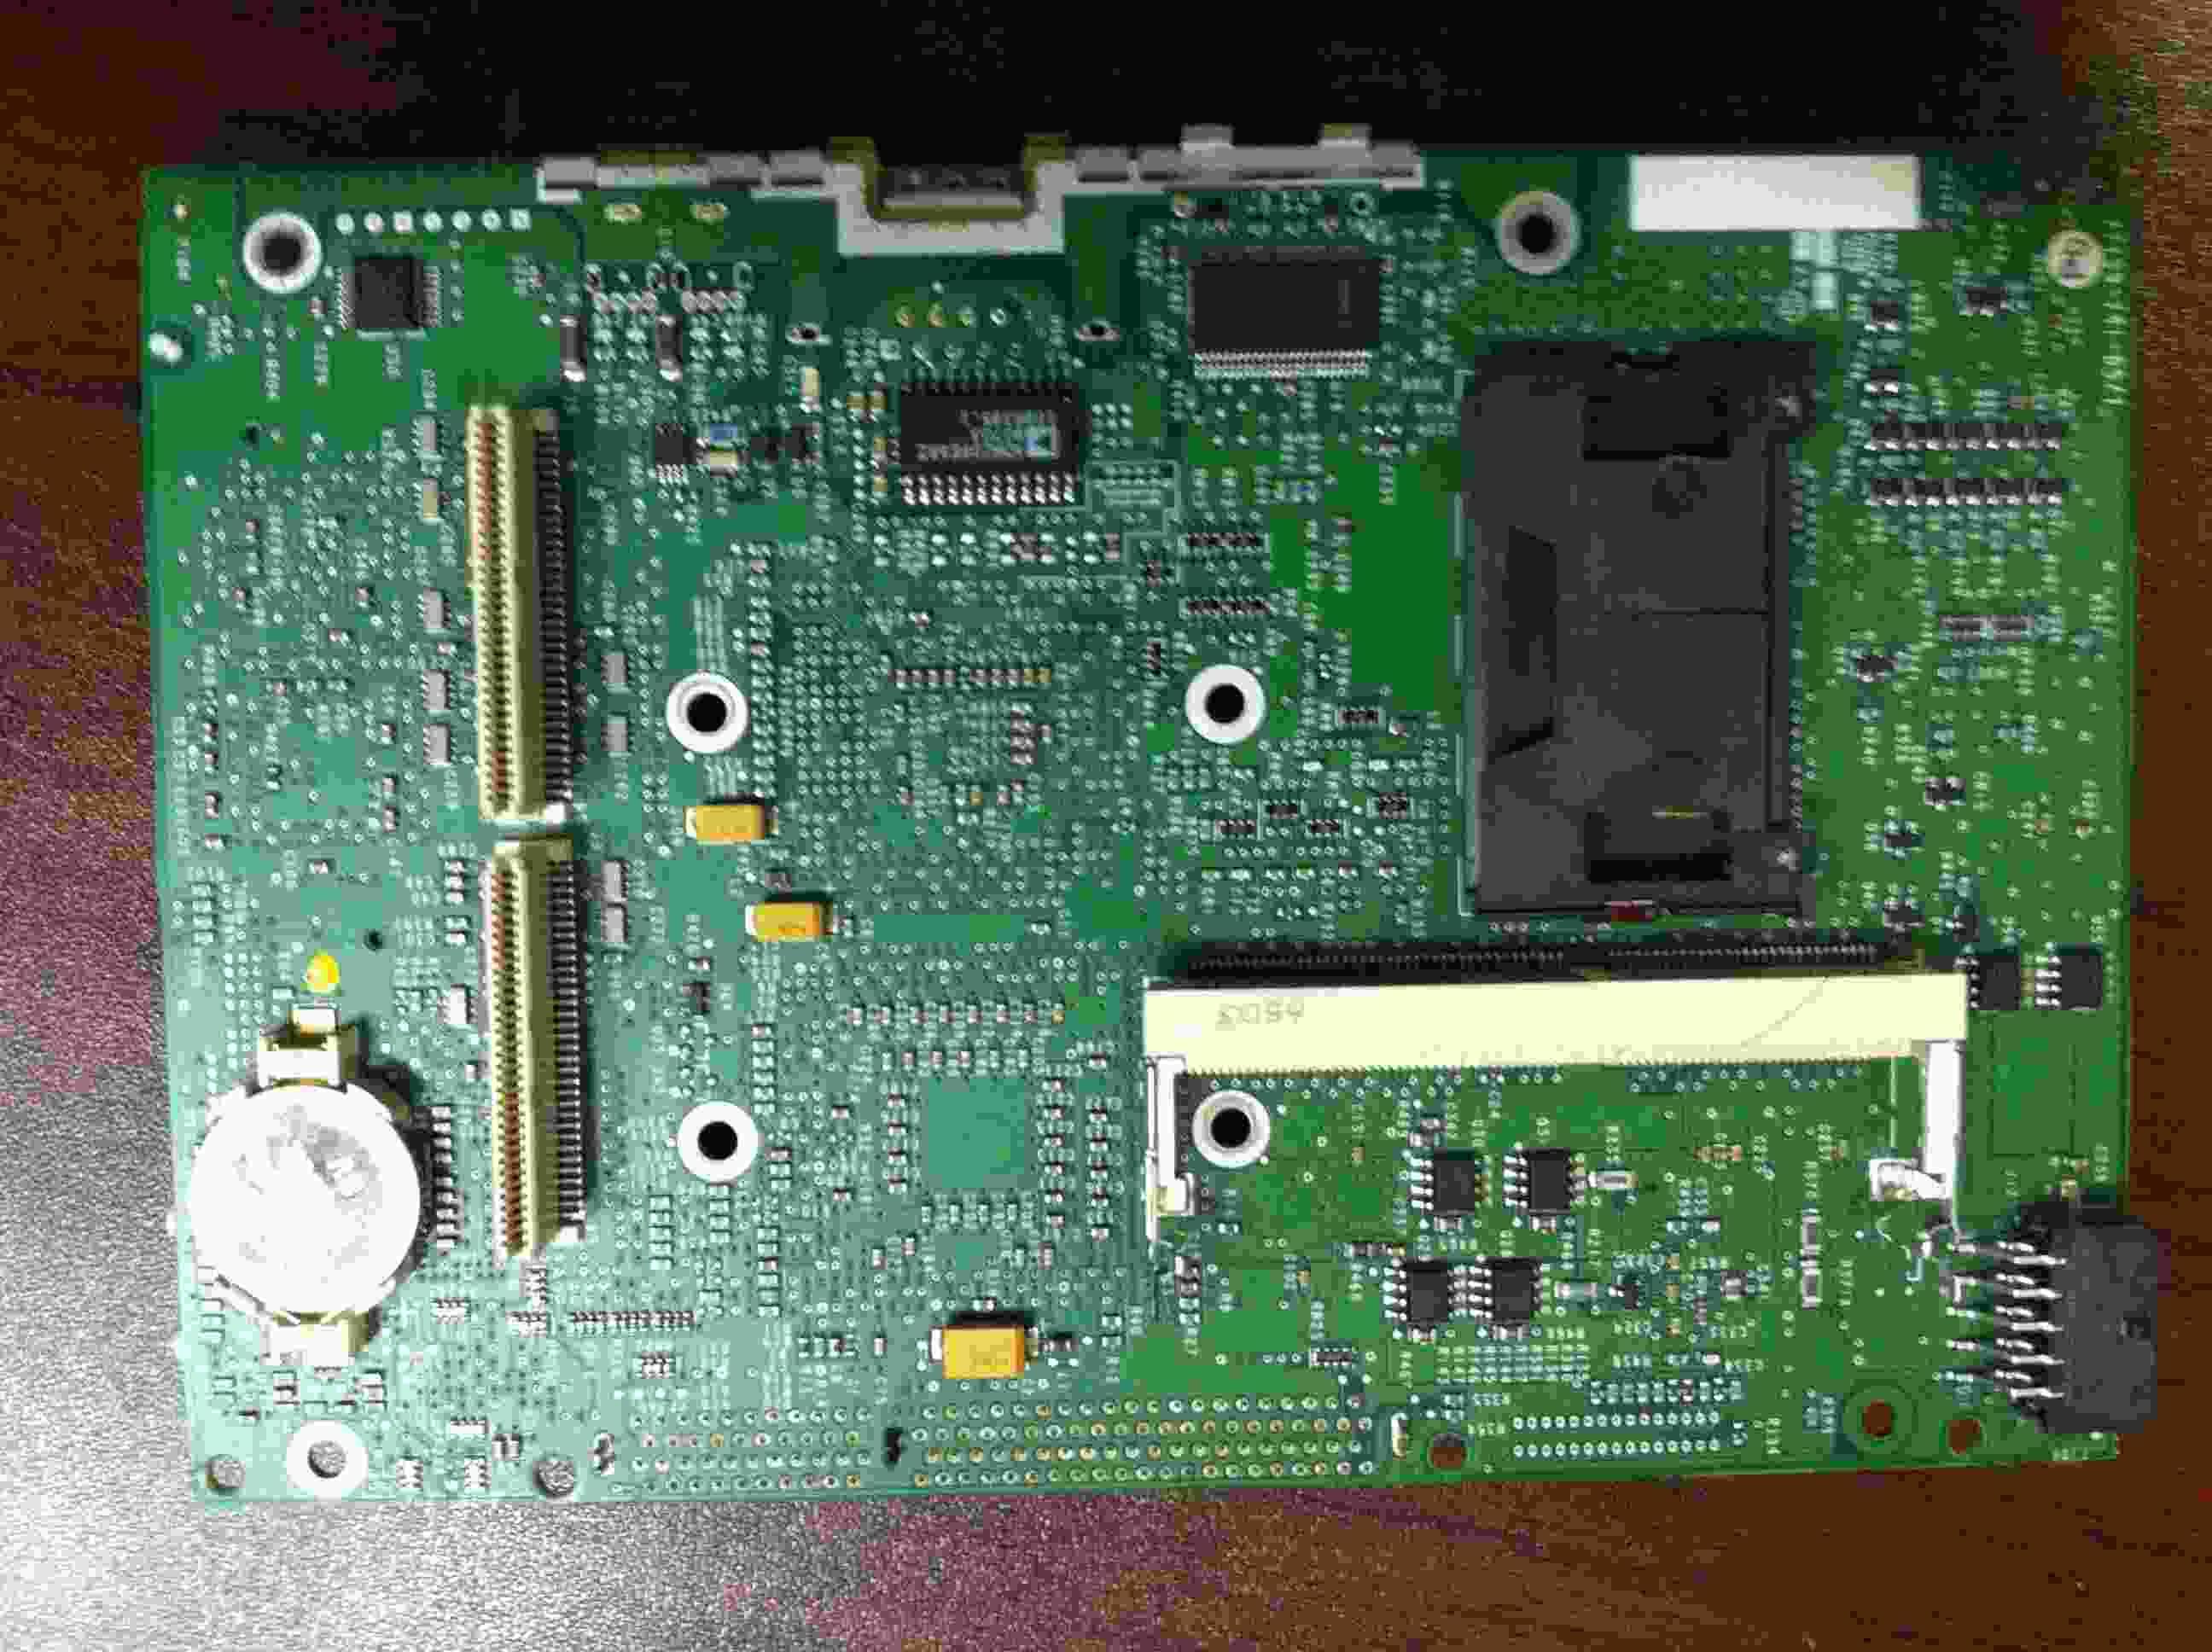 印刷电路板(pcb)  > 焊接成品   分享   单     价:           &yen